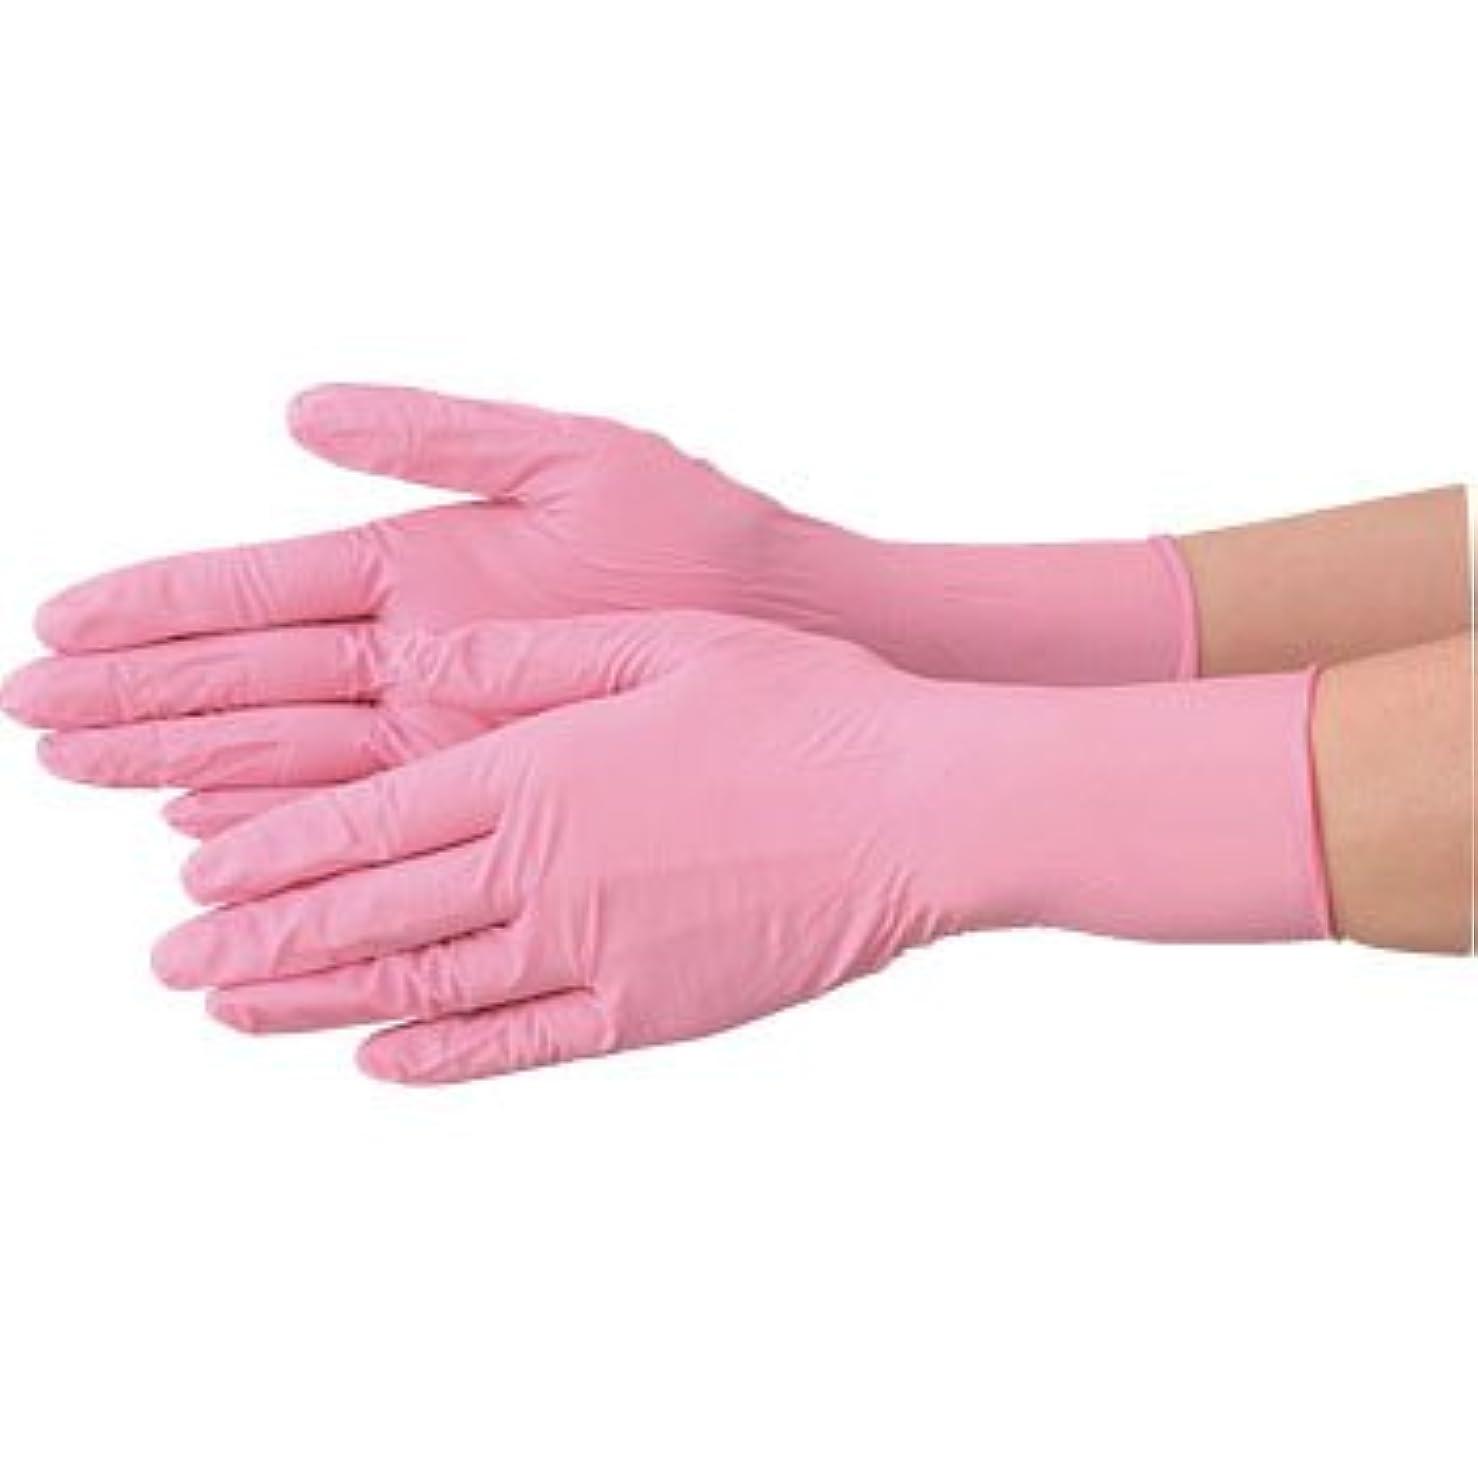 エイズパケット死使い捨て 手袋 エブノ 570 ニトリル ピンク Lサイズ パウダーフリー 2ケース(100枚×60箱)